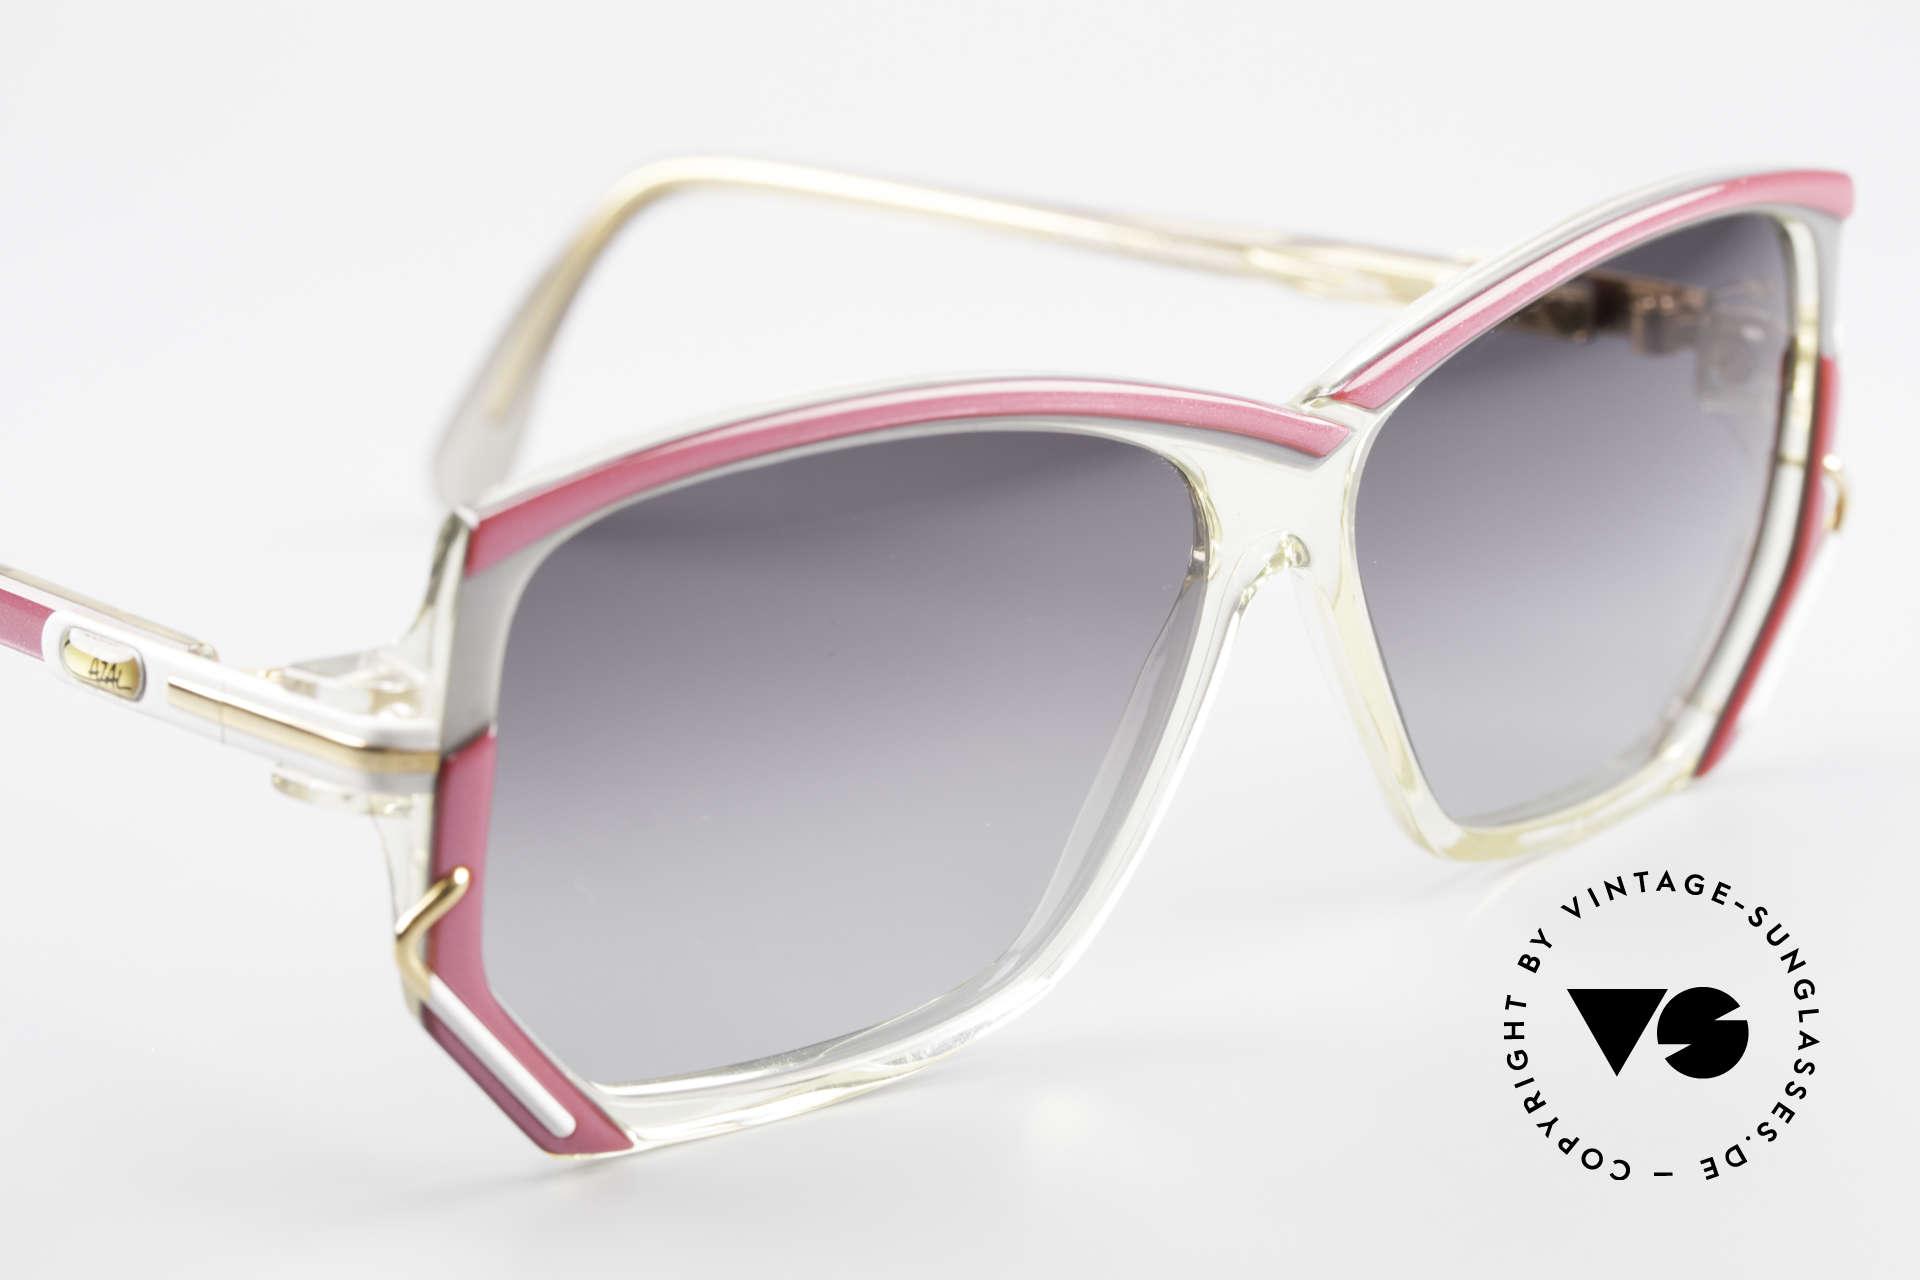 Cazal 197 80's Designer Sunglasses, NO RETRO SUNGLASSES, but an authentic 80's rarity, Made for Women